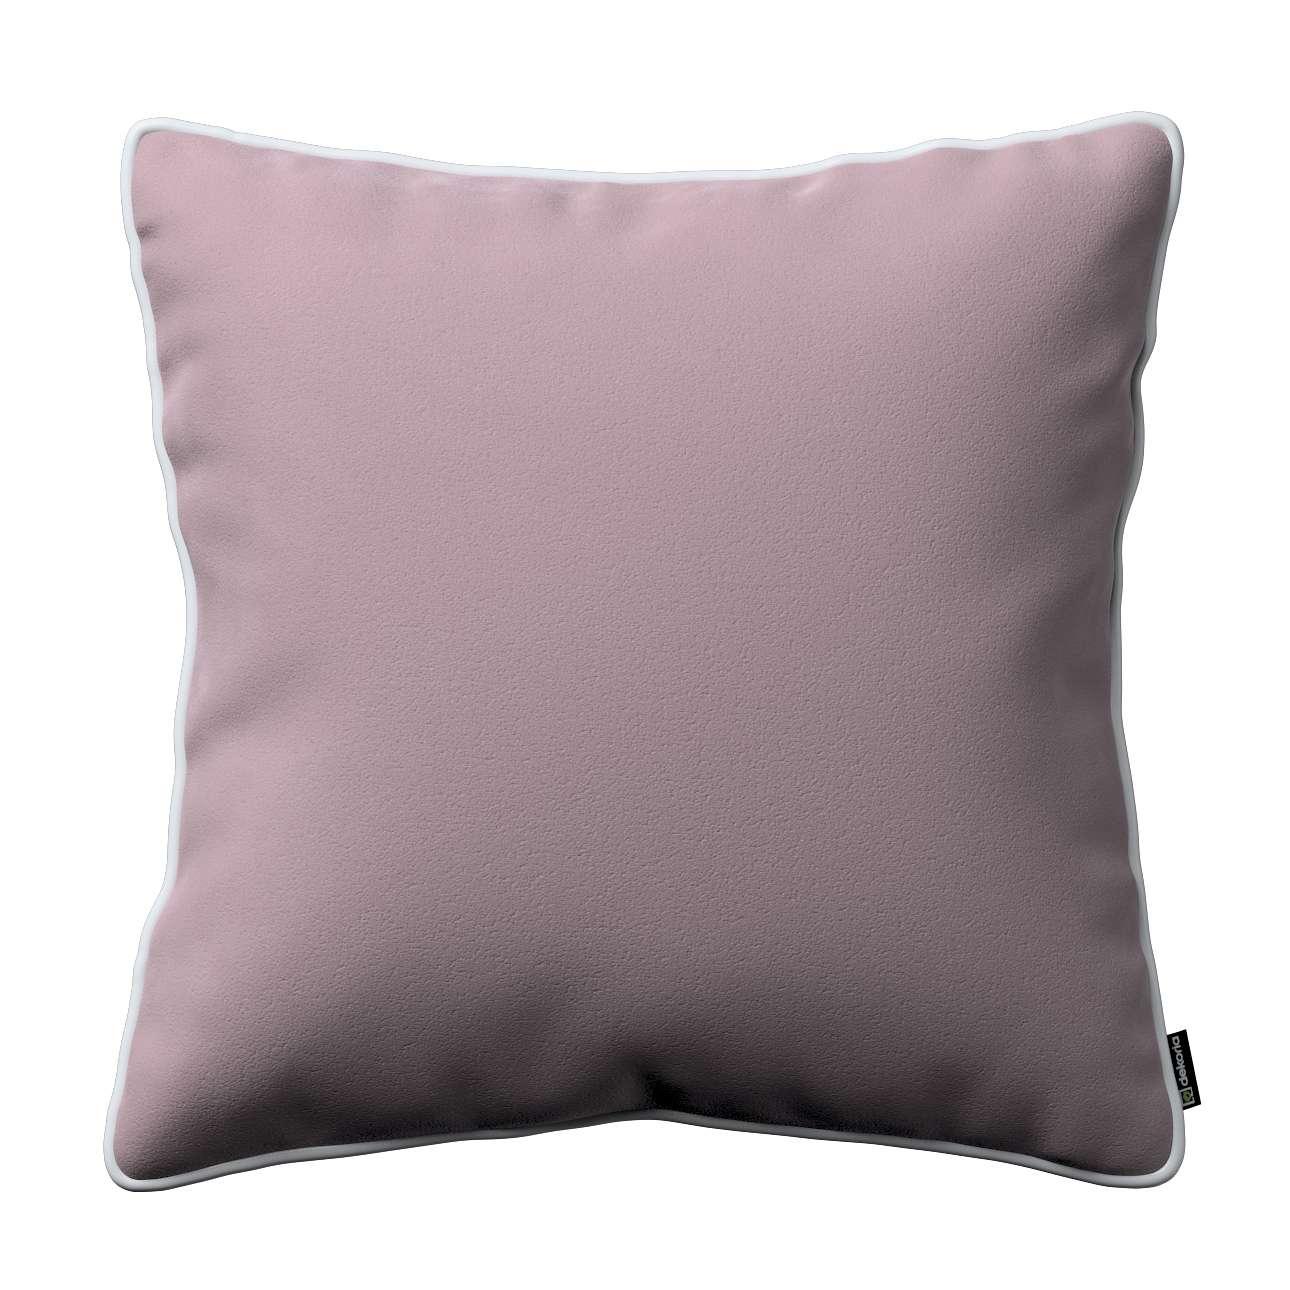 Poszewka Laura na poduszkę w kolekcji Velvet, tkanina: 704-14